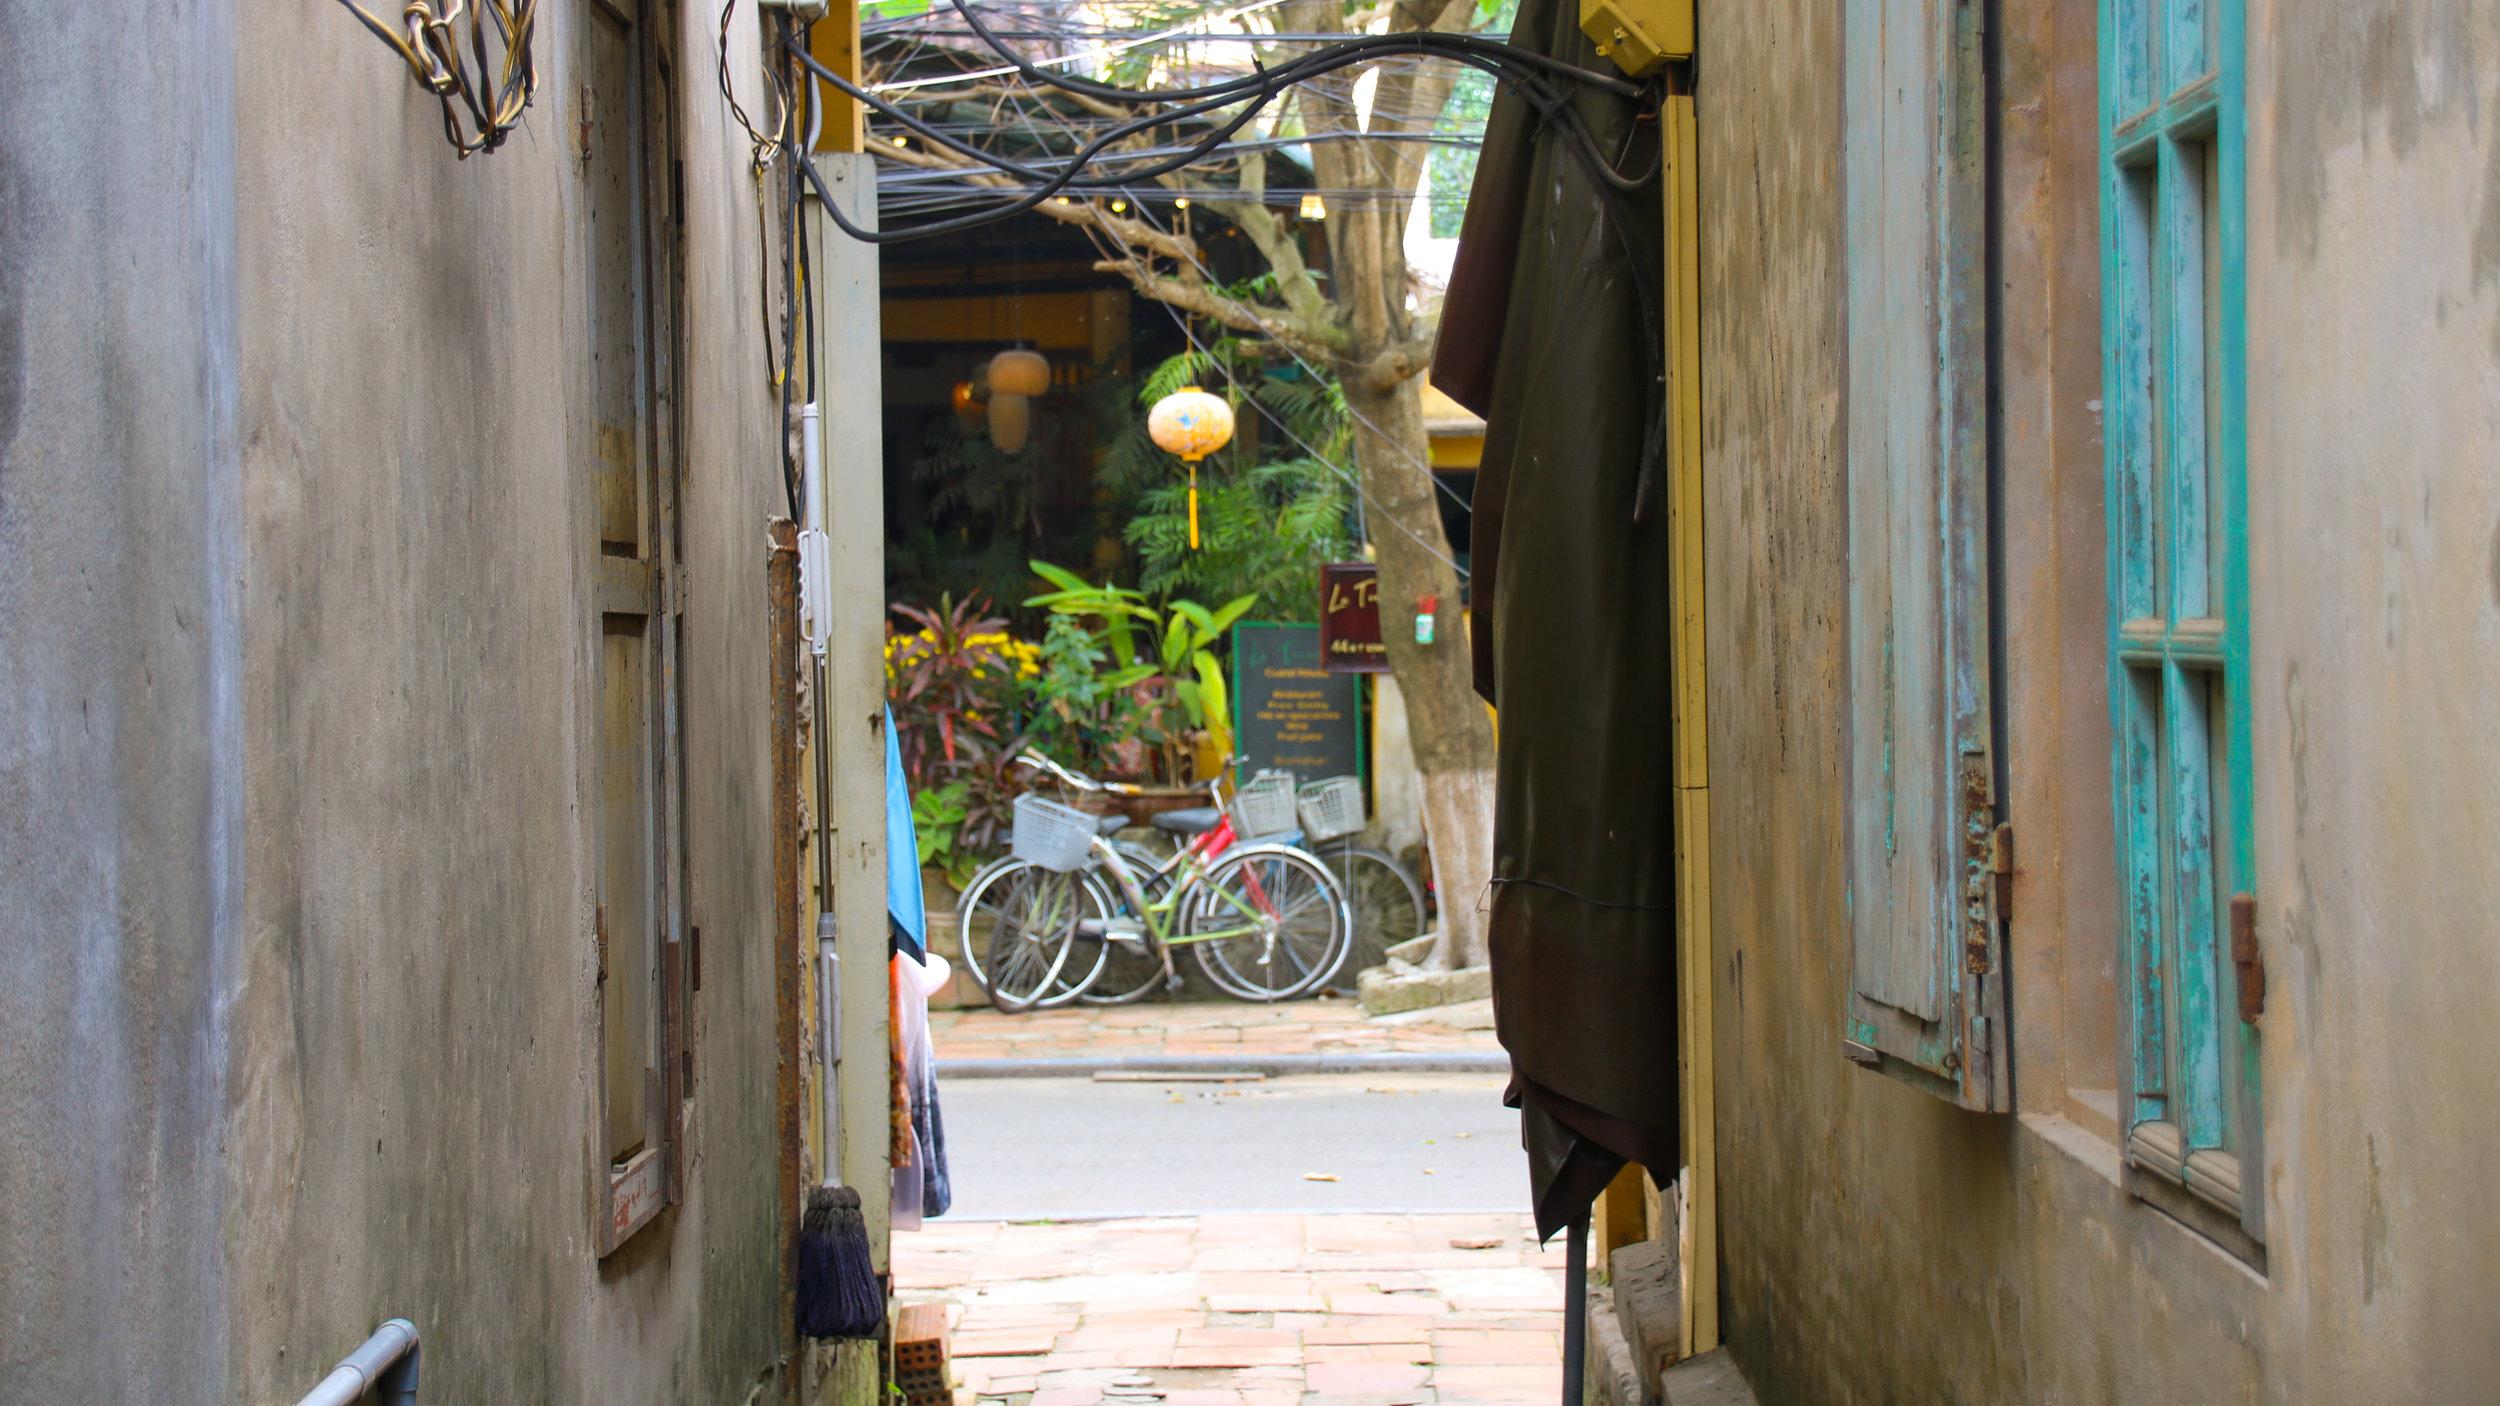 Alley way, Hoi An, Vietnam. Across Land & Sea